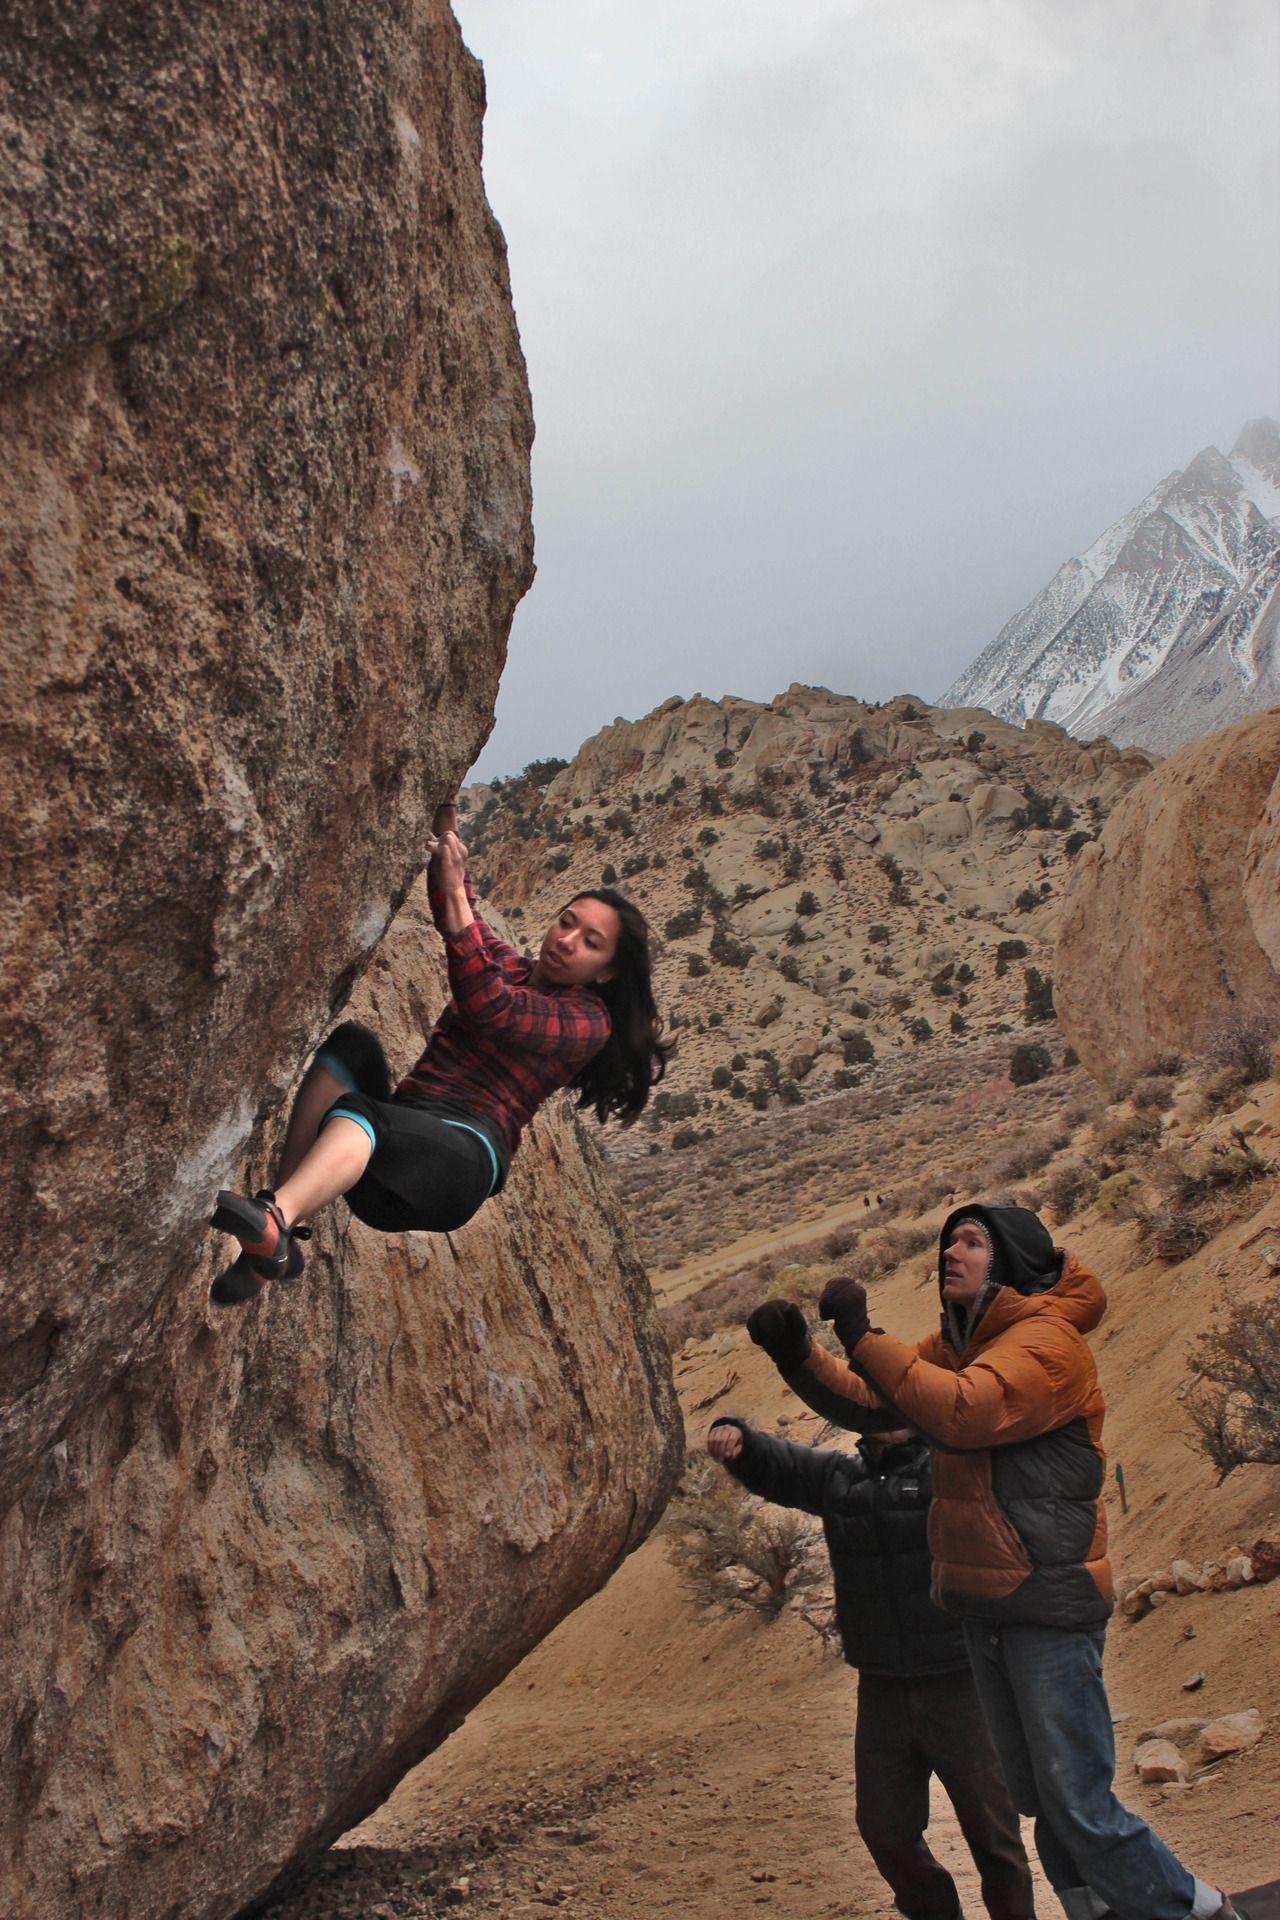 High Plains Drifter [V7] - Bishop, CA (Climber: Natalie Duran) #bouldering #climbing